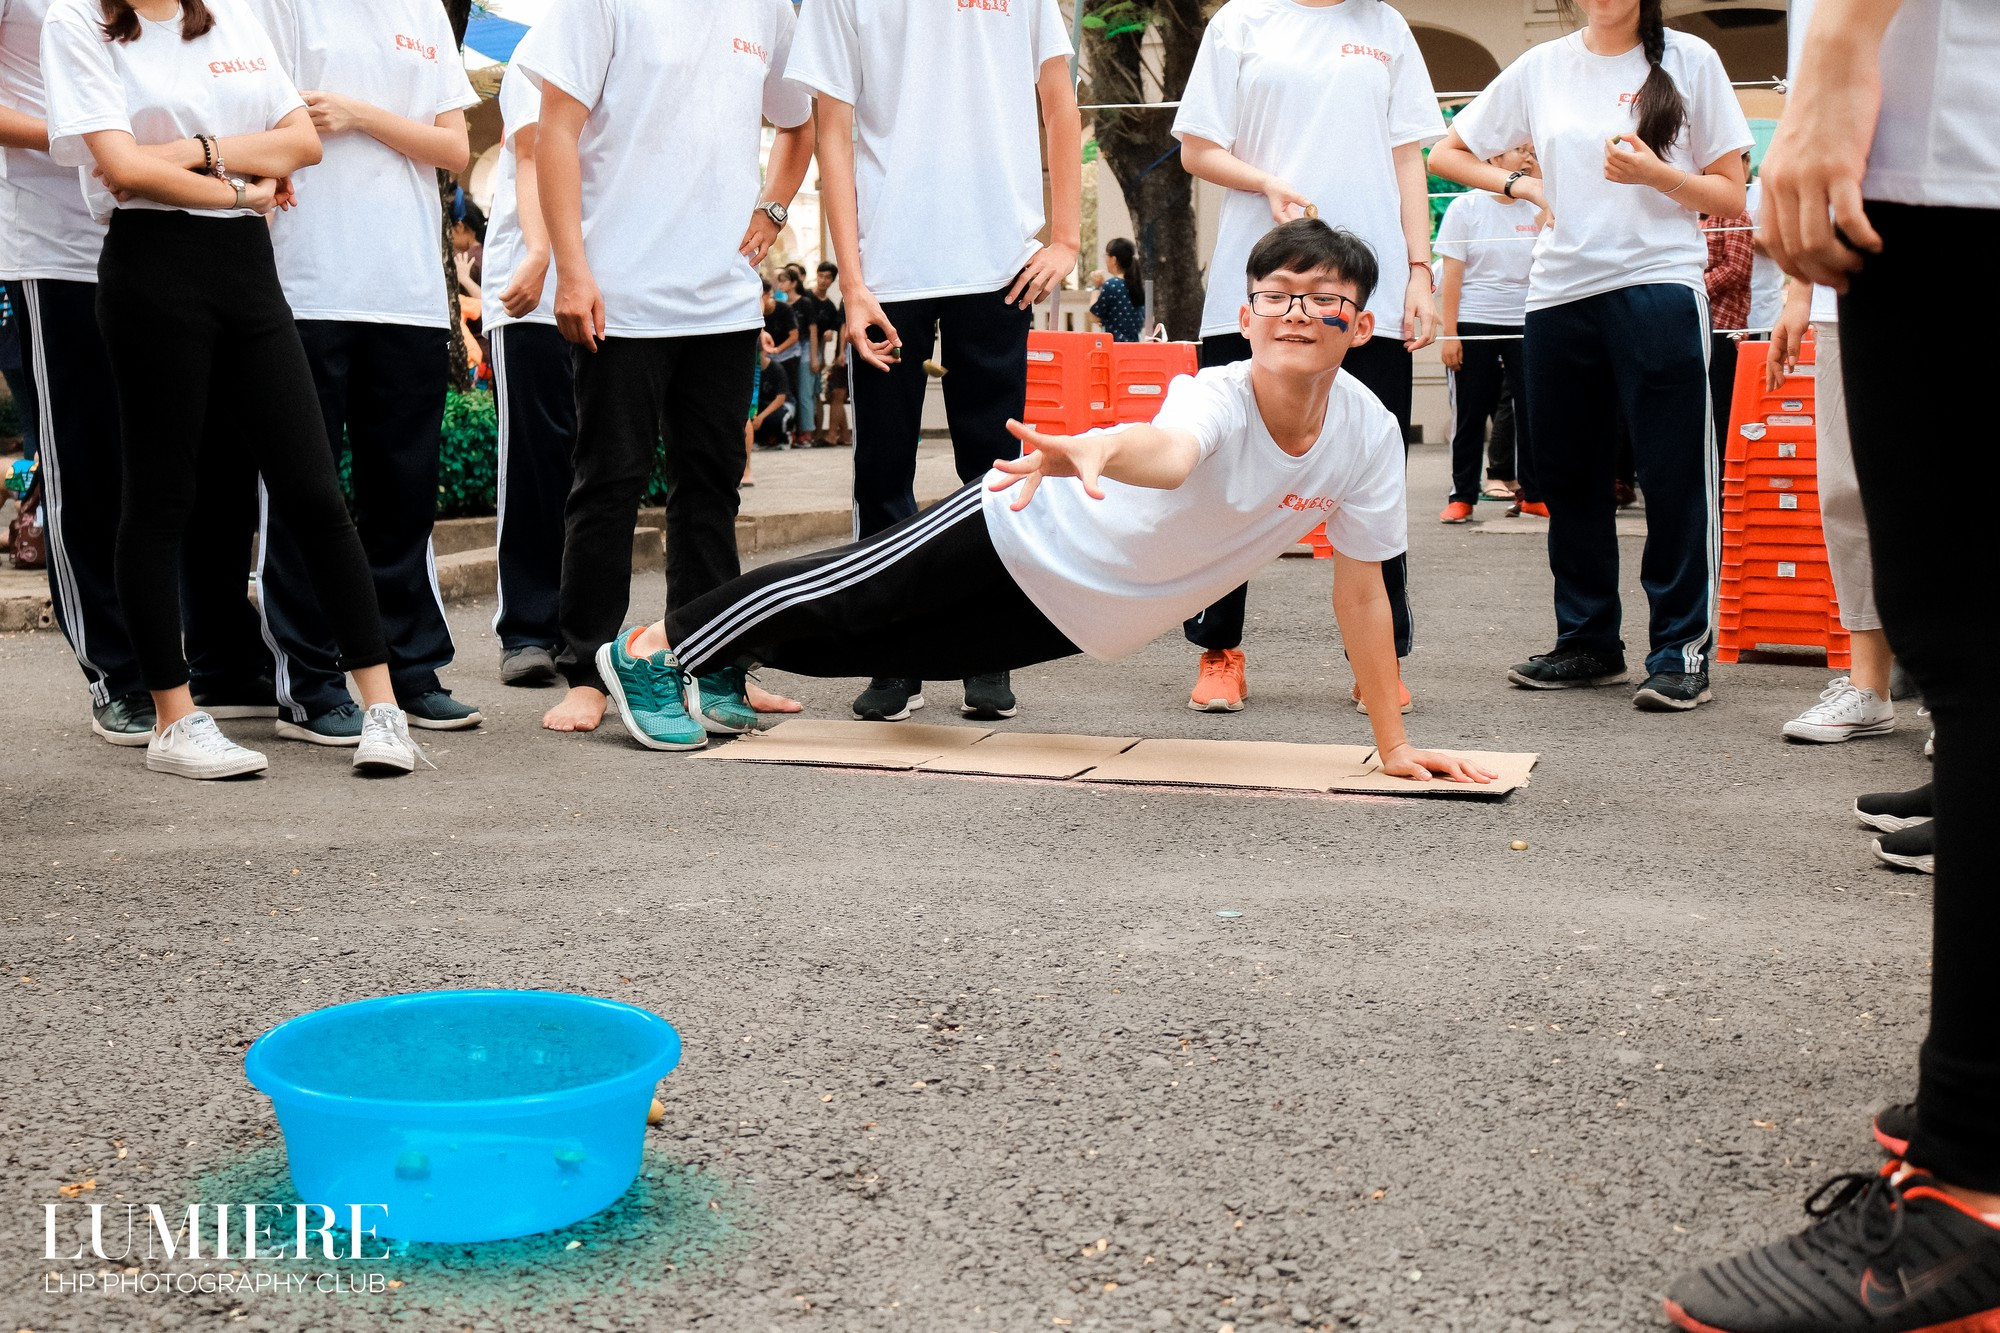 """Các bạn học sinh vẫn tiếp tục tham gia các trò chơi của phần buổi chiều sau hoạt động """"warm-up"""" lấy không khí."""